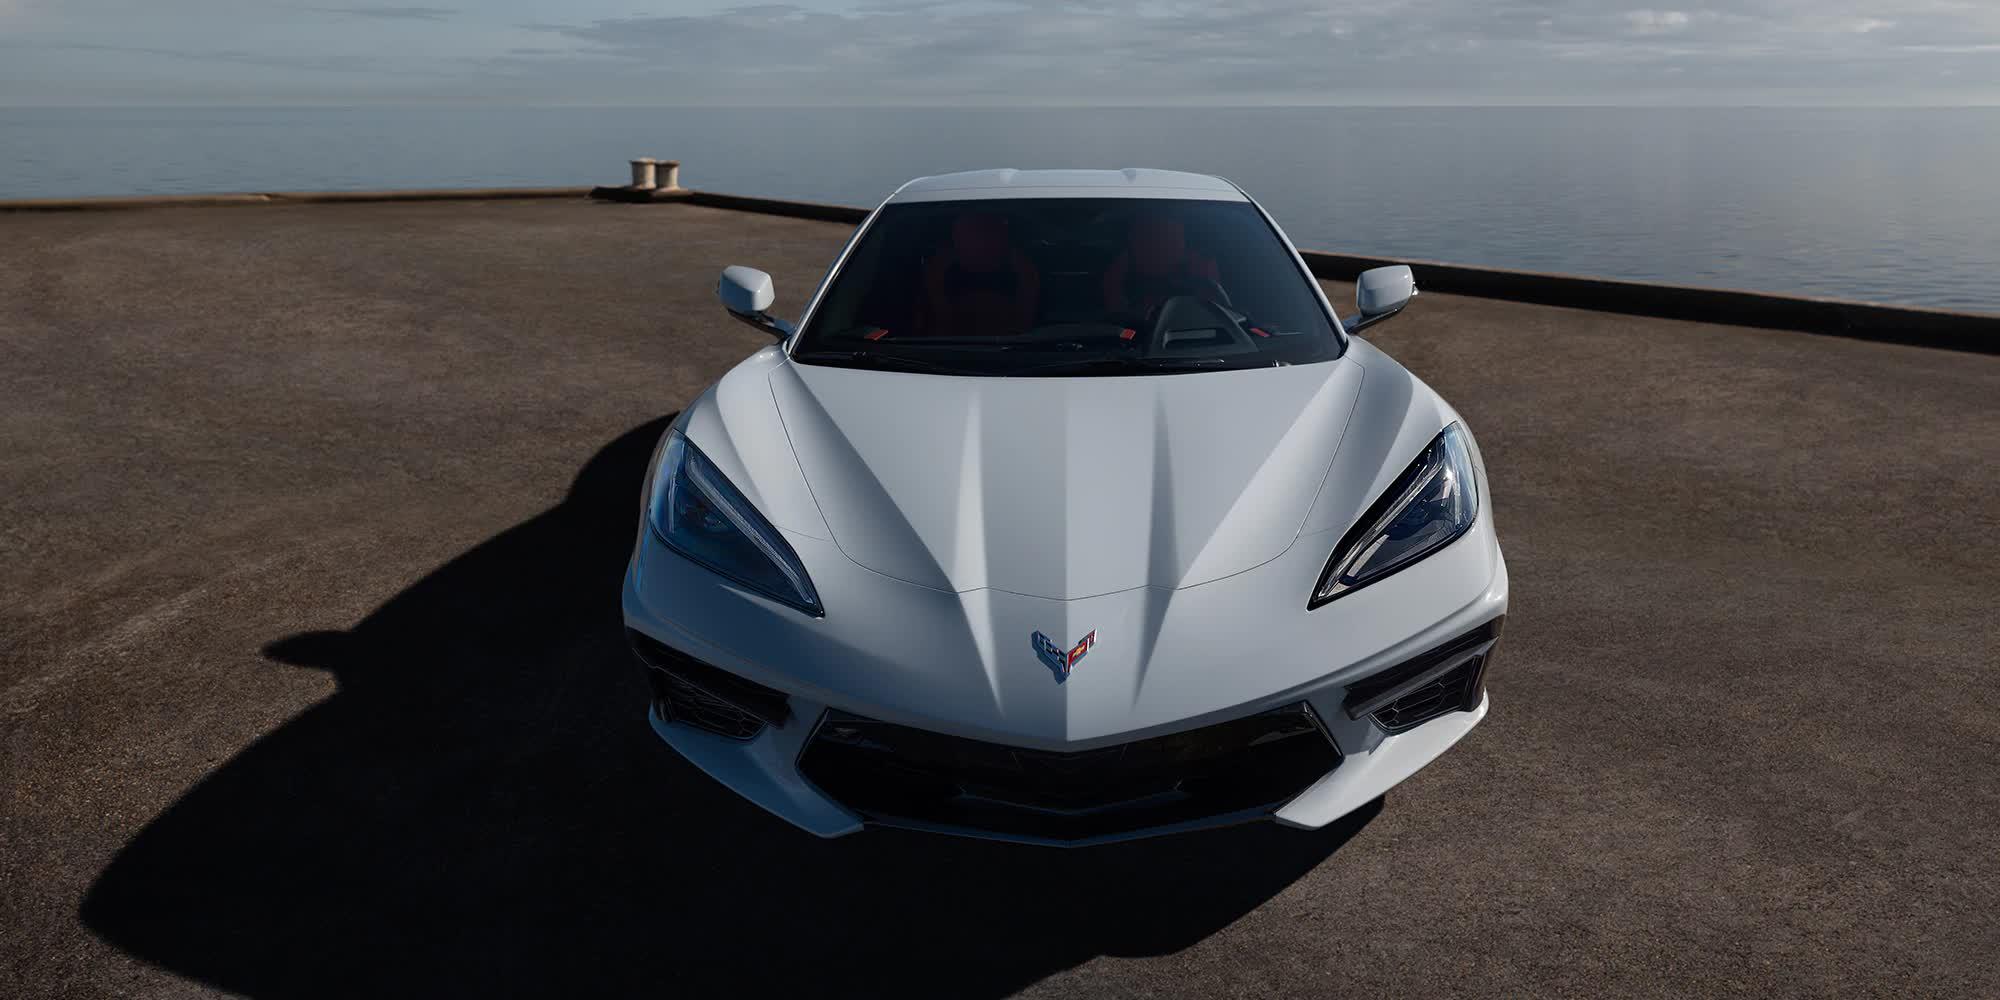 Corvette-c8-stingray-2020-bianca-auto-sportiva-a-motore-centrale-disponibile-con-allestimento-coupe-e-convertible-in-esclusiva-presso-gruppo-cavauto-a-Monza.jpg